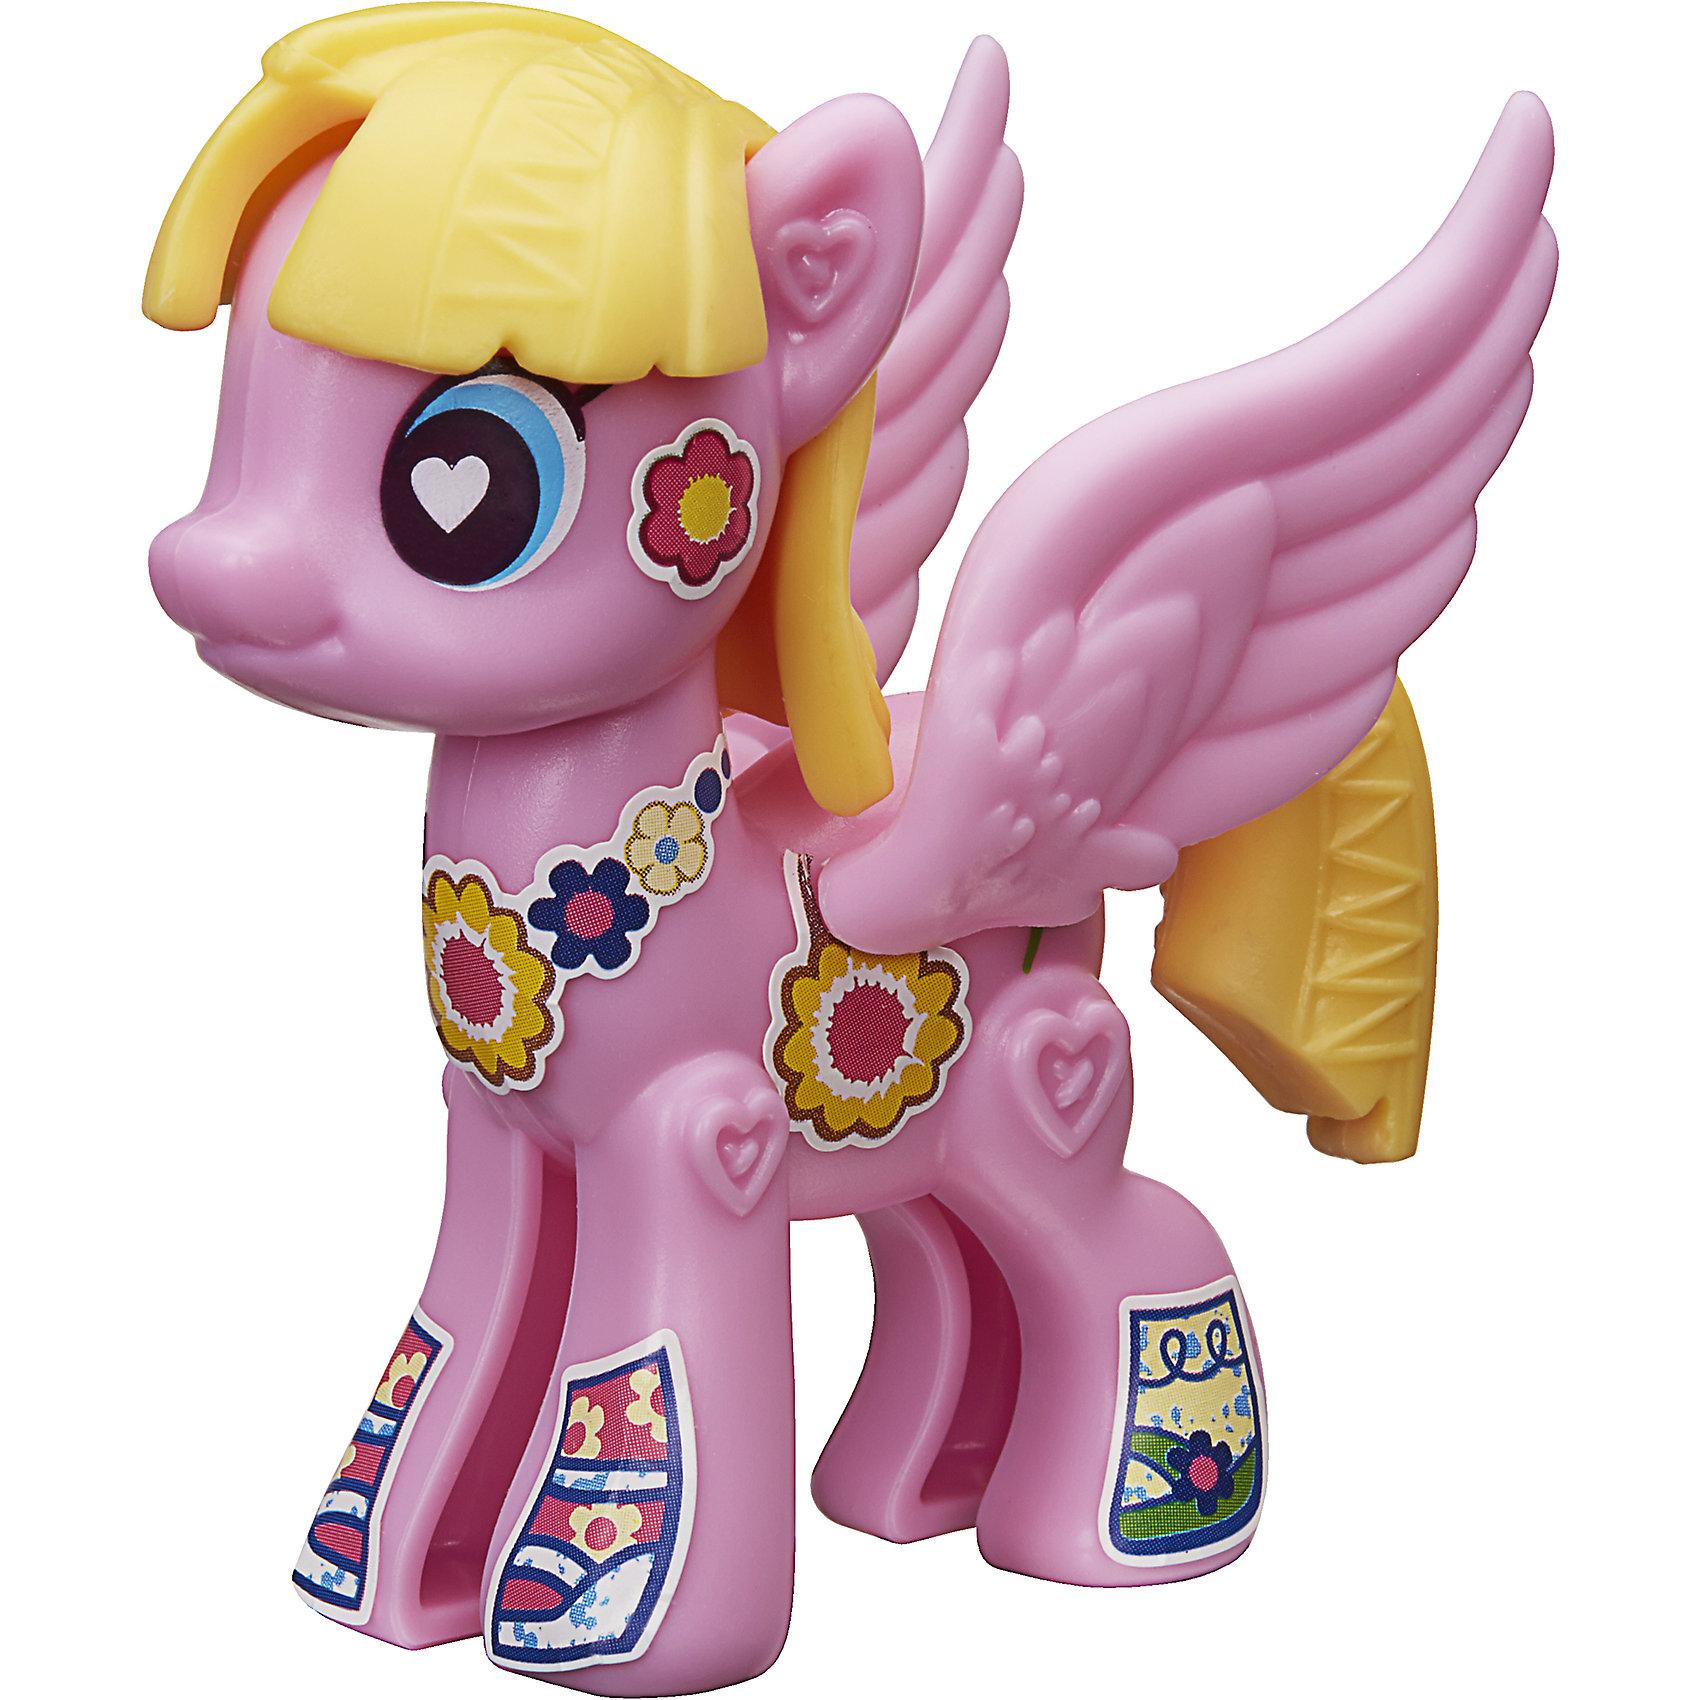 Игровой набор Hasbro My little Pony Создай свою пони, Мидоу ФлауерЛюбимые герои<br>Характеристики товара:<br><br>• возраст: от 4 лет;<br>• материал: пластик;<br>• в комплекте: фигурка пони, аксессуары;<br>• размер упаковки: 20,5х14,9х16,2 см;<br>• вес упаковки: 65 гр.;<br>• страна производитель: Китай.<br><br>Игровой набор «Создай свою пони» My Little Pony создан по мотивам известного мультсериала. В наборе фигурка пони и аксессуары для придания пони стильного образа. Наклейками можно украсить пони, проявив фантазию. <br><br>Игровой набор «Создай свою пони» My Little Pony Hasbro B3592/B5107можно приобрести в нашем интернет-магазине.<br><br>Ширина мм: 205<br>Глубина мм: 162<br>Высота мм: 149<br>Вес г: 65<br>Возраст от месяцев: 48<br>Возраст до месяцев: 2147483647<br>Пол: Женский<br>Возраст: Детский<br>SKU: 6674419